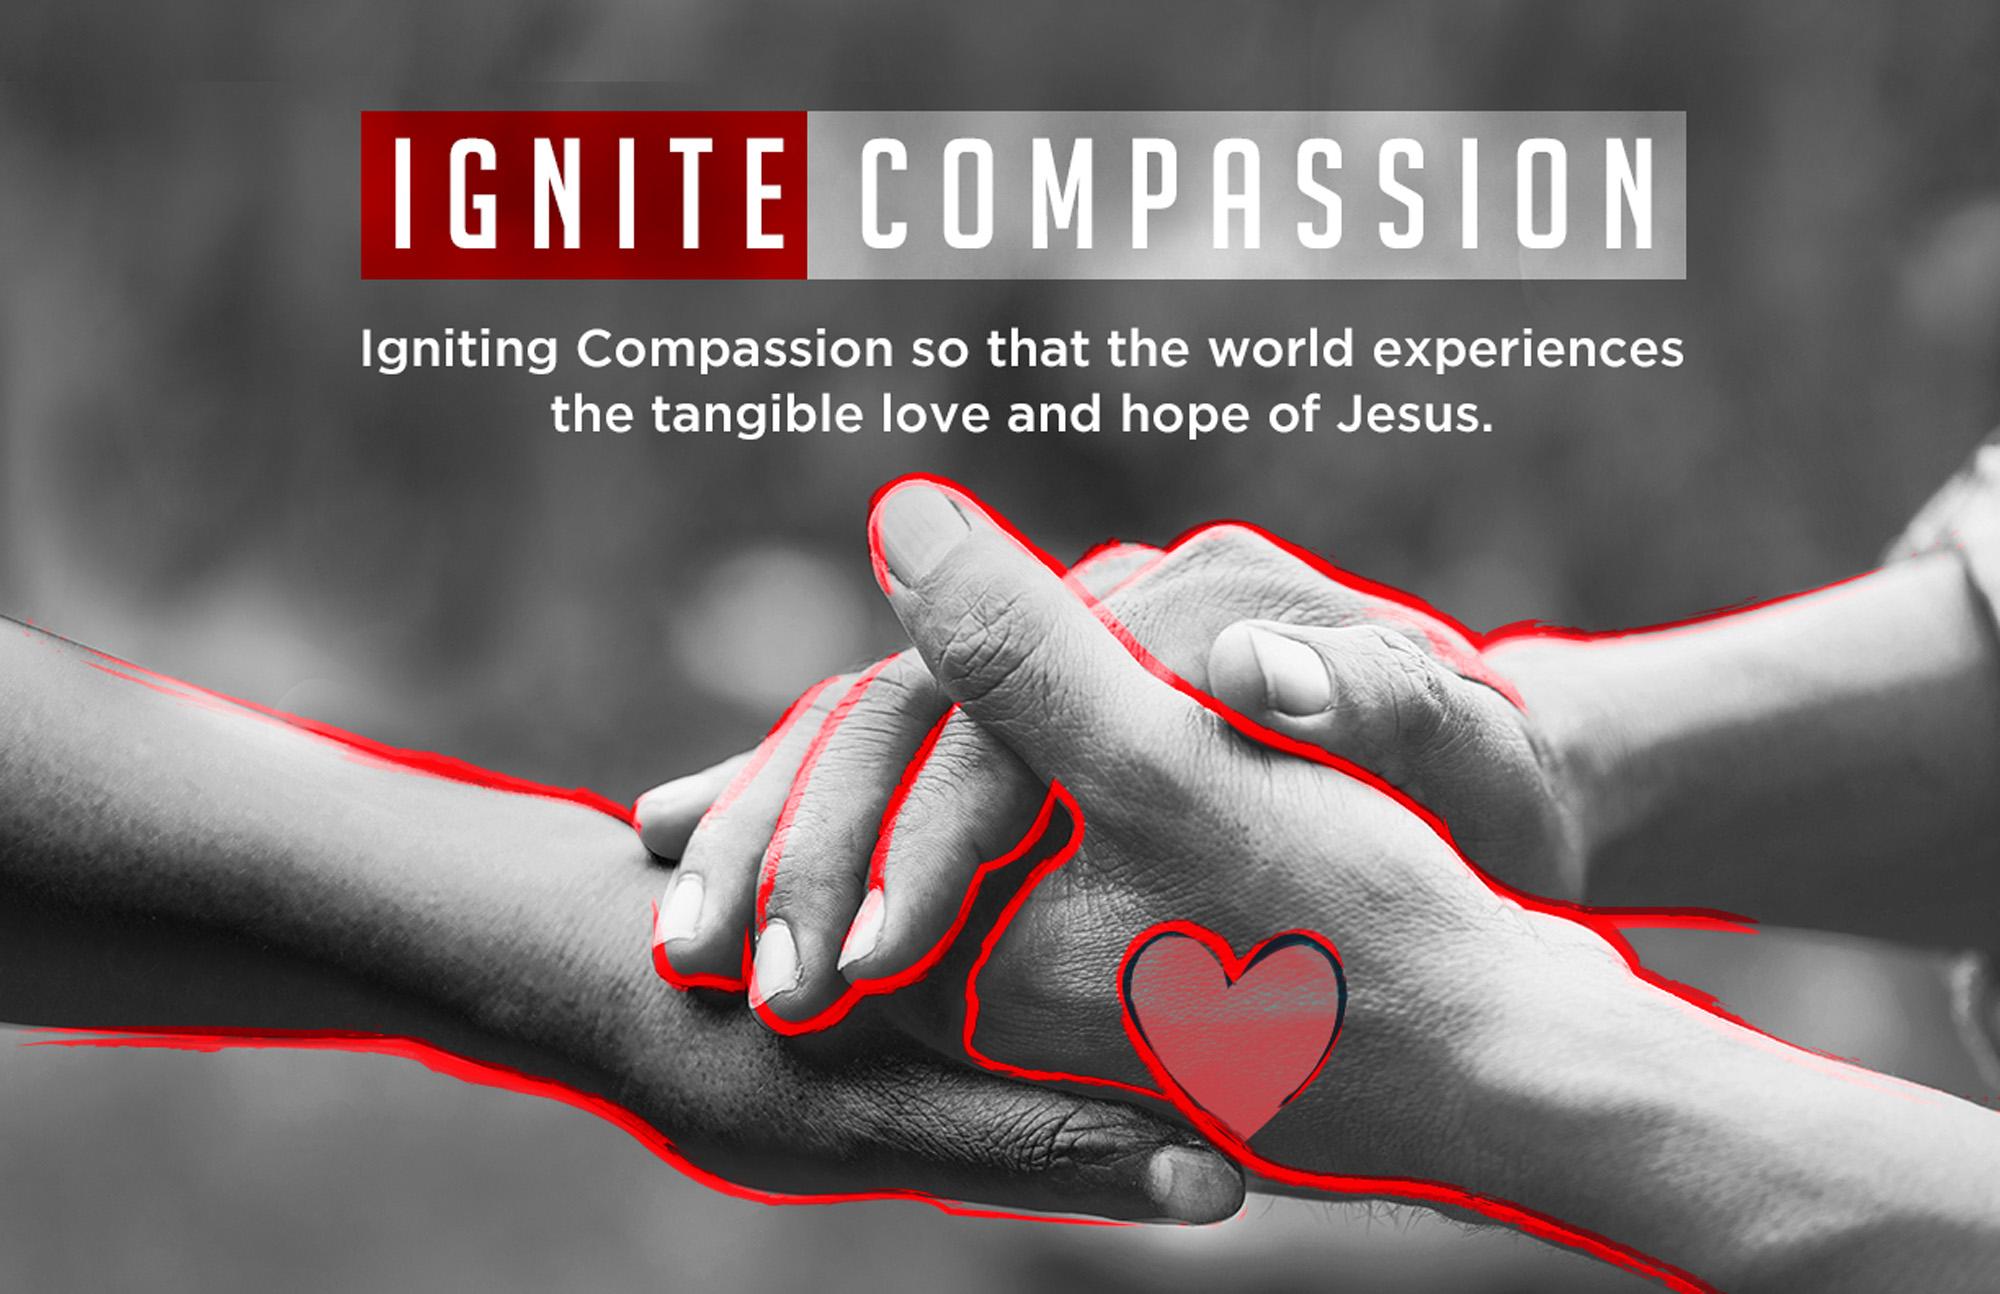 Ignite Compassion